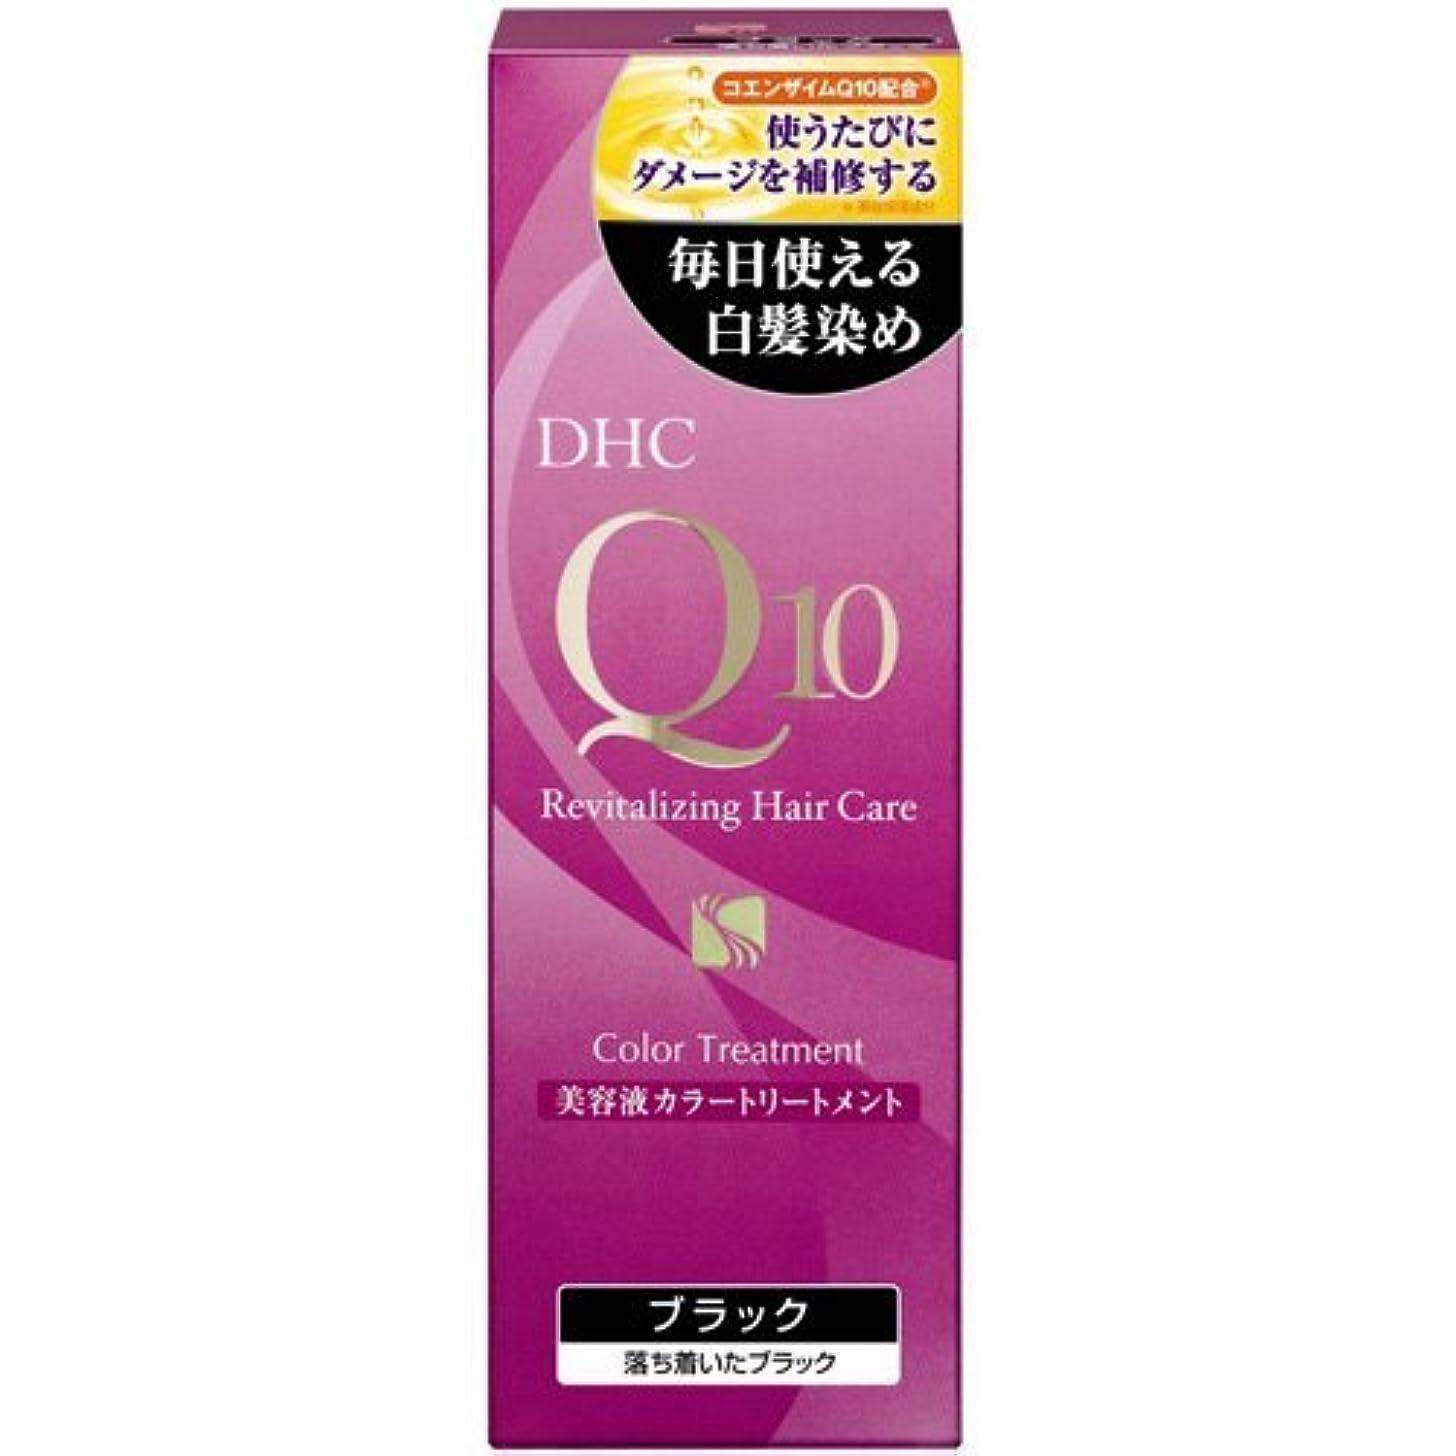 記録ピアニストバイパス【まとめ買い】DHC Q10美溶液カラートリートメントブラックSS170g ×8個